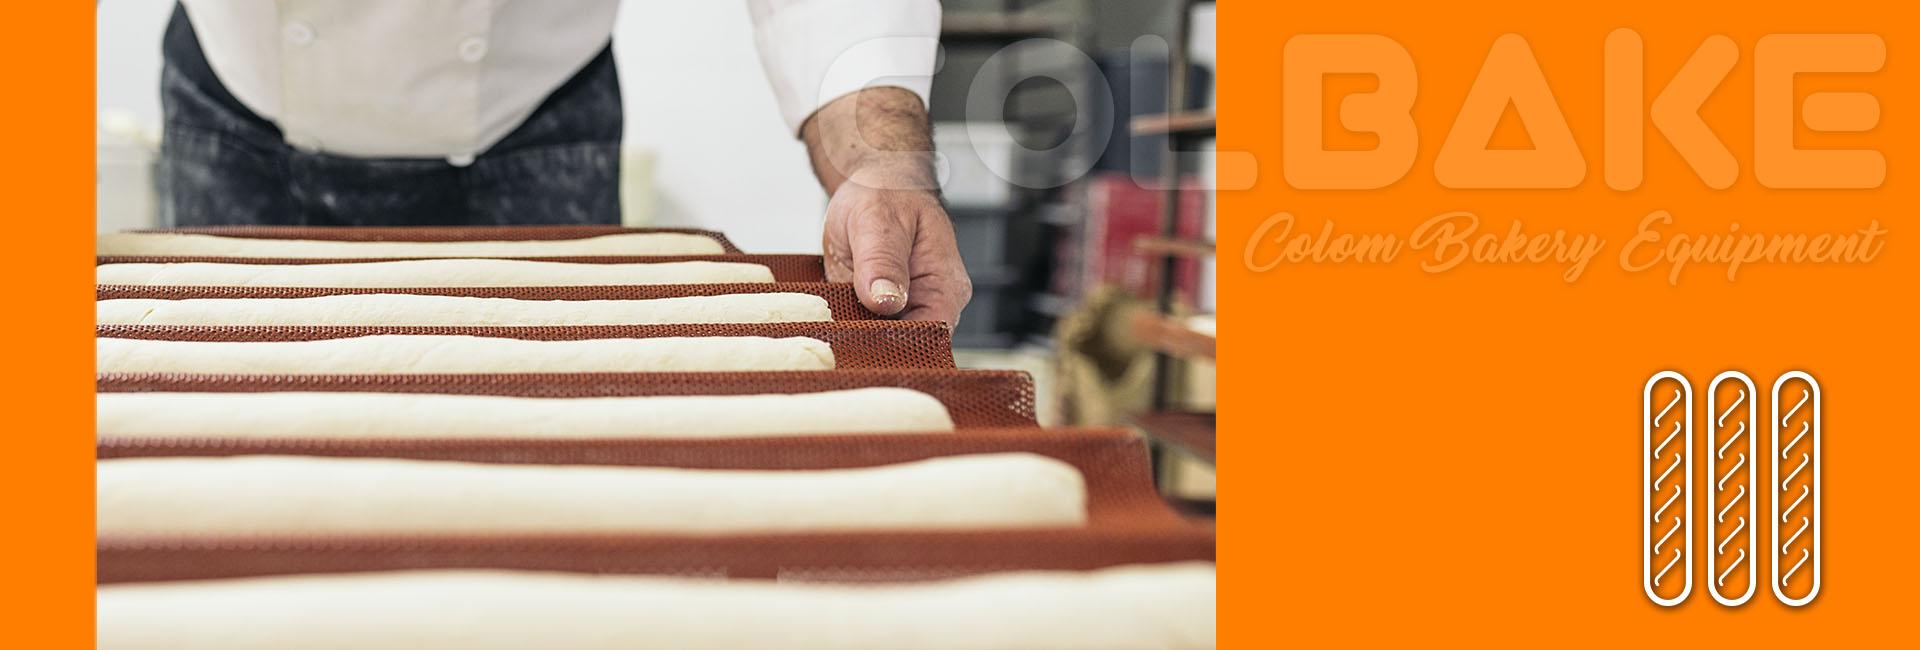 formadoras barras de pan colbake